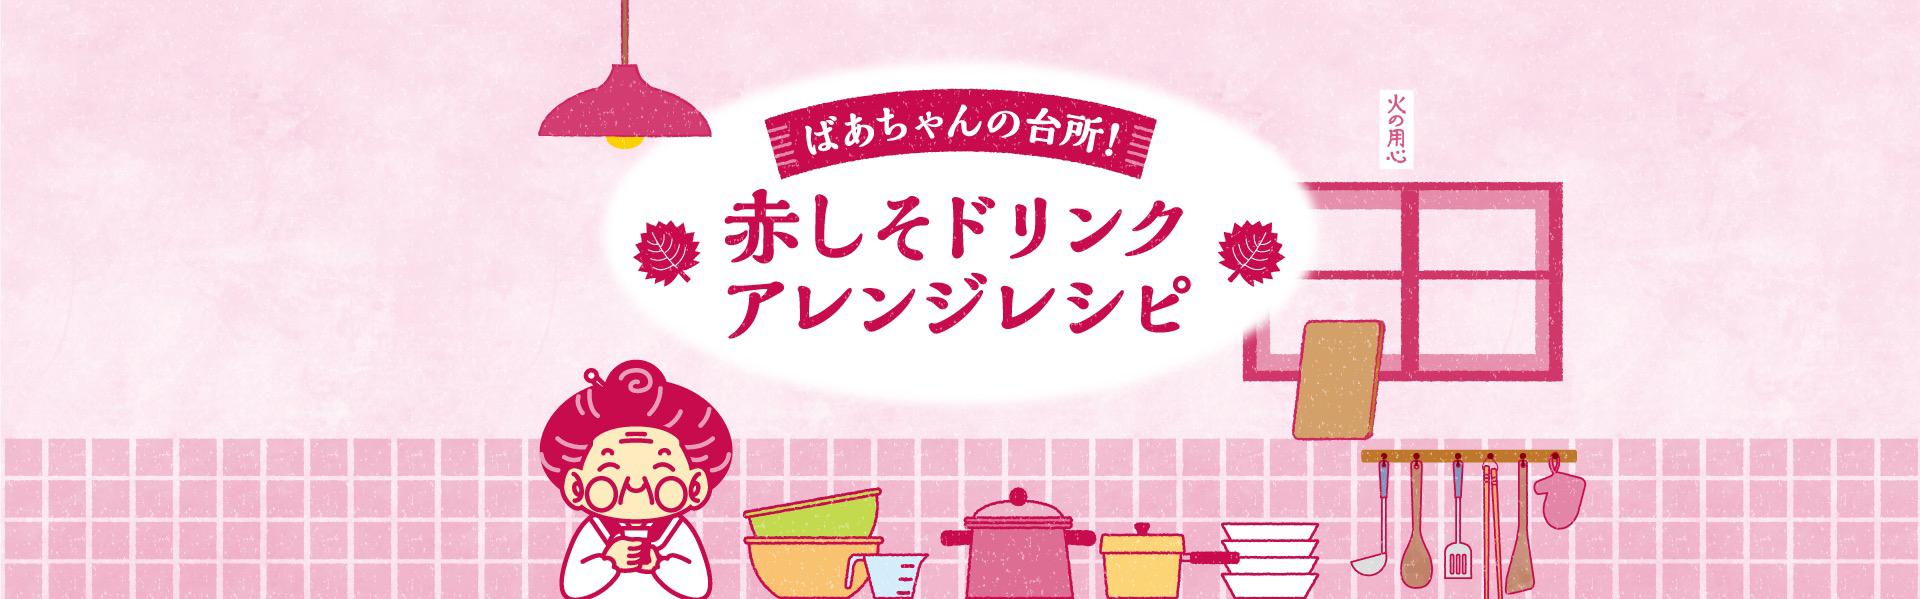 ばあちゃんの台所!赤しそドリンクアレンジレシピ